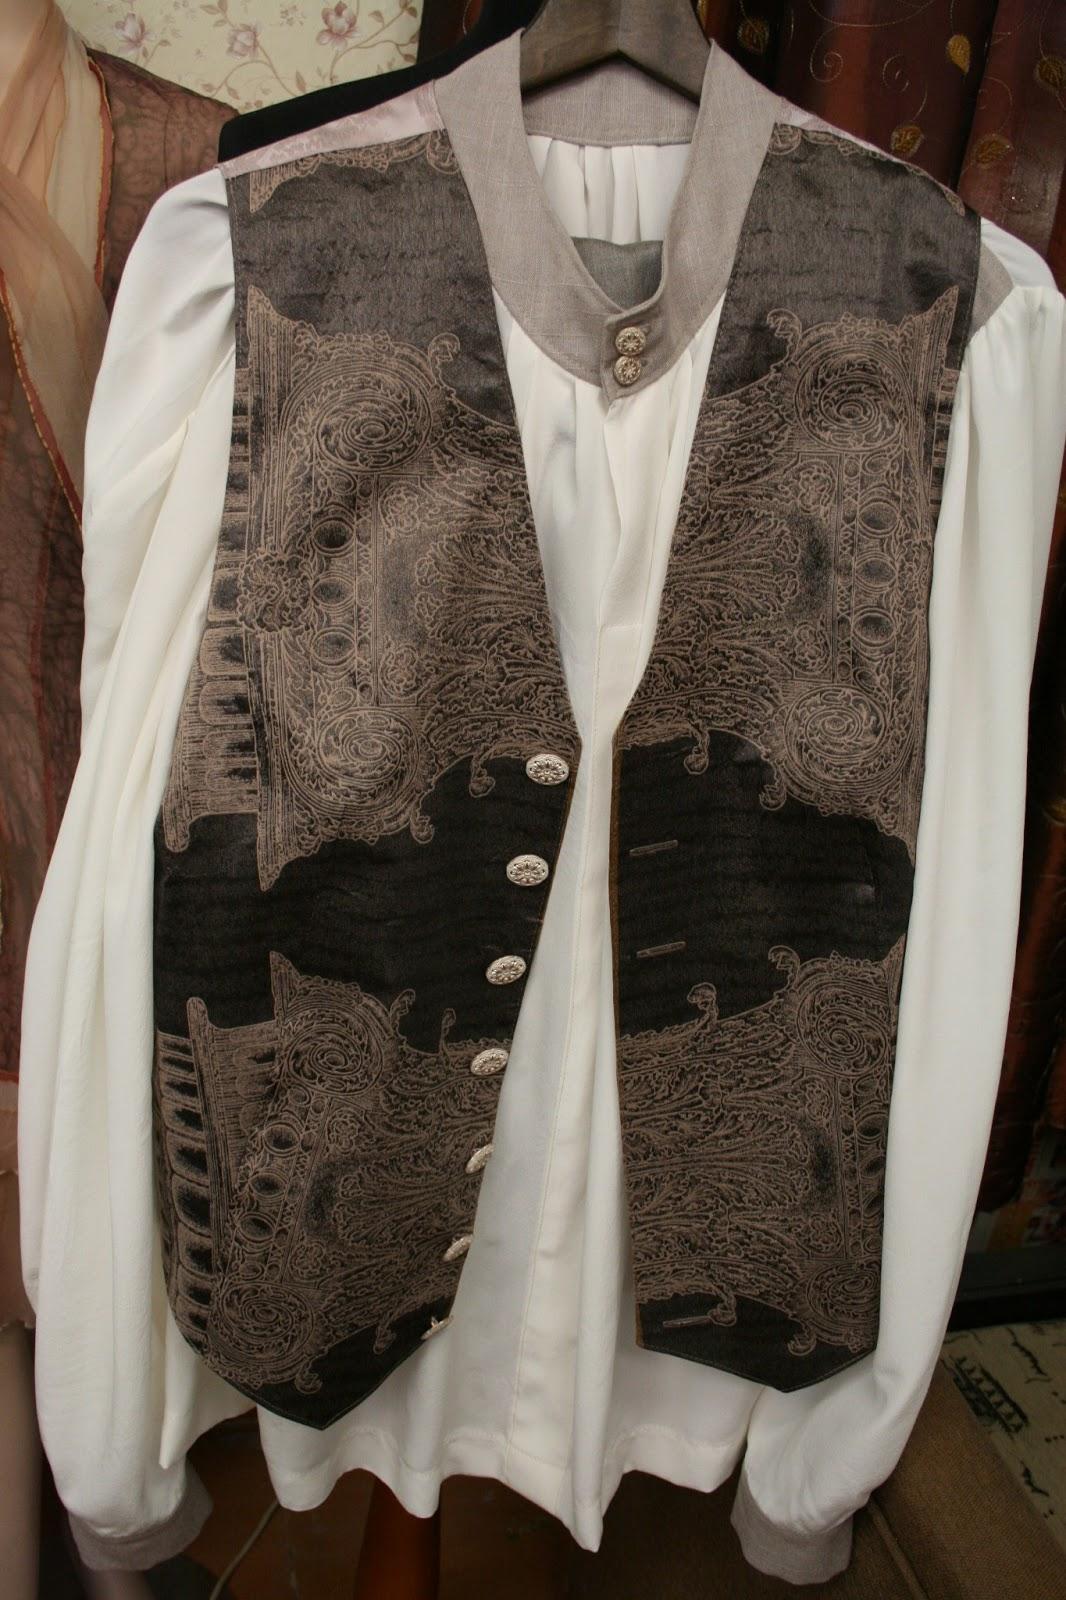 42941c98b7f Tantsutaadil - stiliseeritud rahvarõivaelementidega lina-viskoosi  materjalist kuub, taftist ja siidist vest, siidkrepp-pluus, peenvillased  pikad püksid.